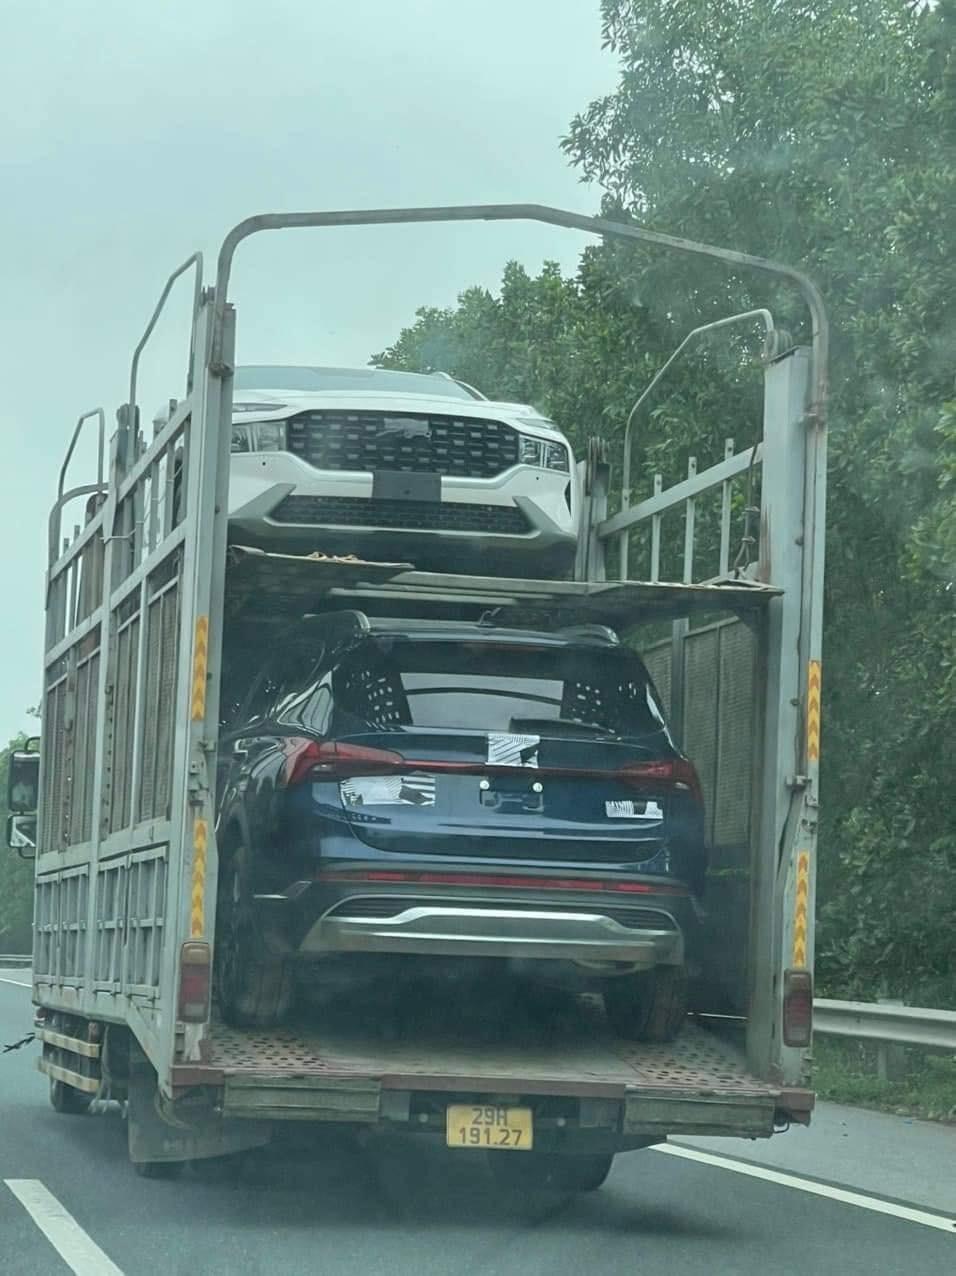 Hyundai Santa Fe 2021 tiếp tục bị bắt gặp, lần này là trên một xe chuyên chở về Hà Nội.